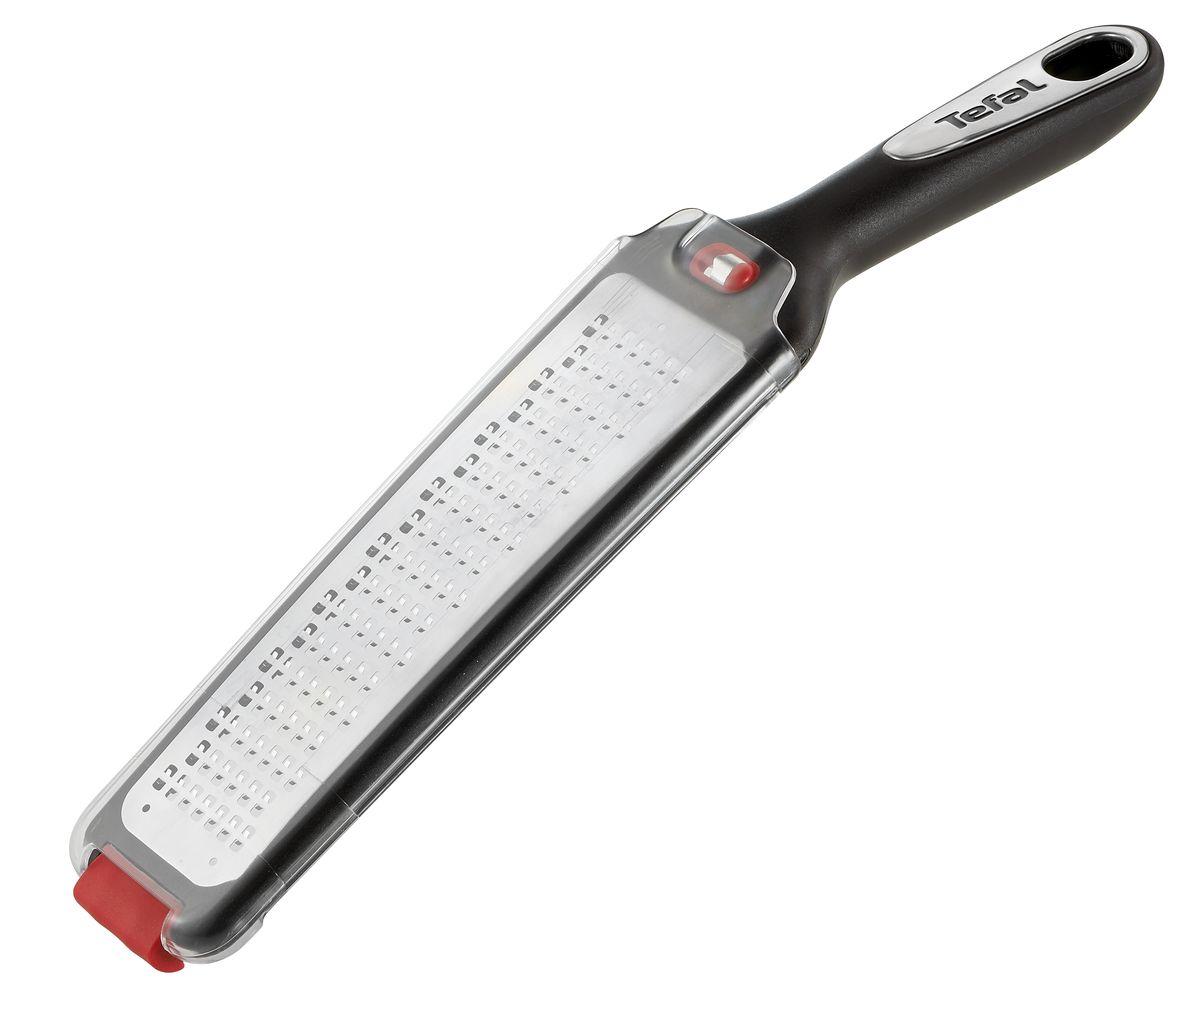 Терка Tefal Ingenio, плоская, с ручкой68/5/4Терка Tefal Ingenio изготовлена из высококачественной нержавеющей стали. Изделие снабжено лезвиями для крупной терки. Благодаря удобной пластиковой ручке терку удобно использовать и приятно держать в руках. На ручке имеется отверстие для подвешивания. В комплект входит держатель для овощей и фруктов.